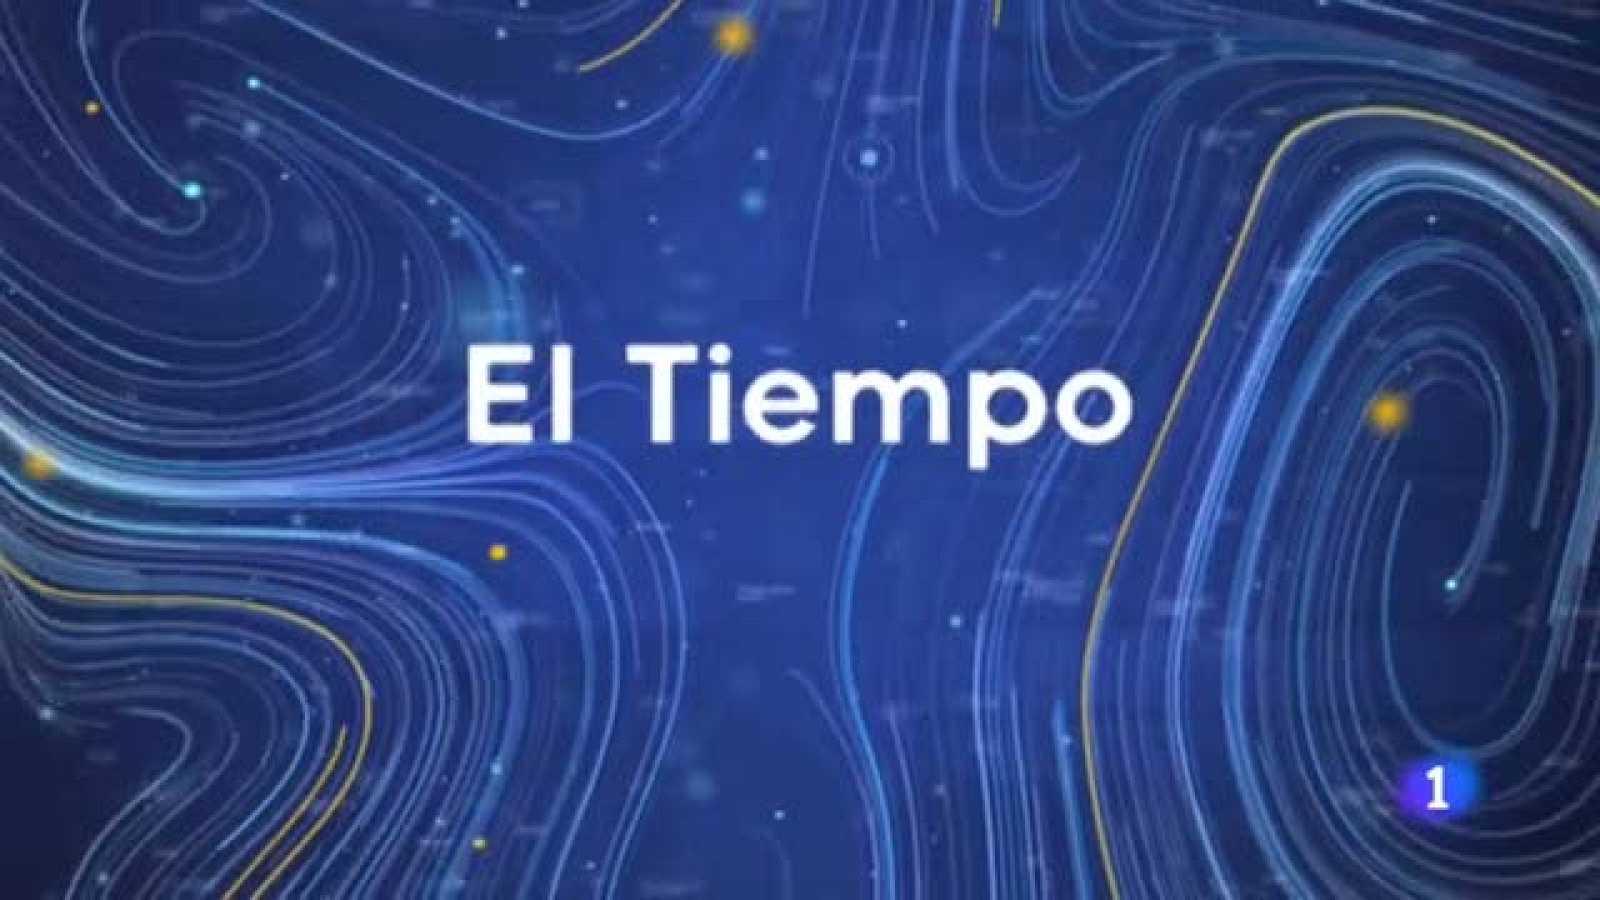 El tiempo en Castilla y León - 23/03/21